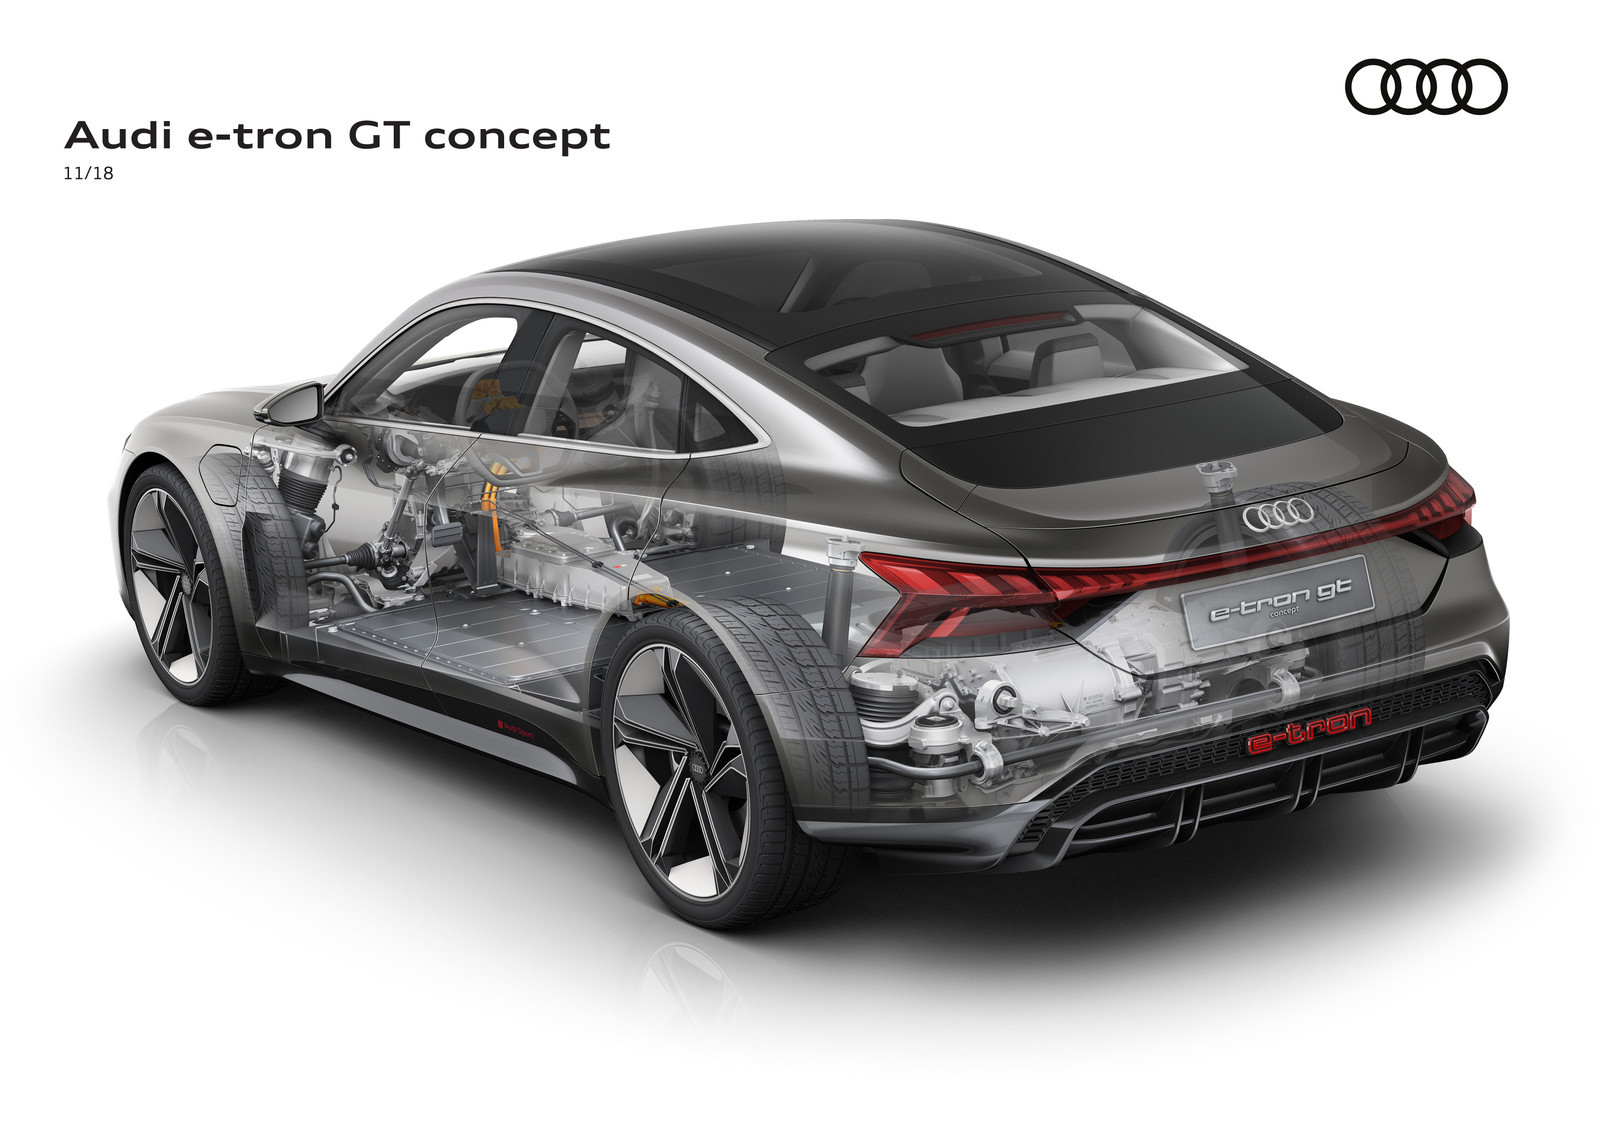 Foto de Audi e-tron GT concept 2018 (11/55)